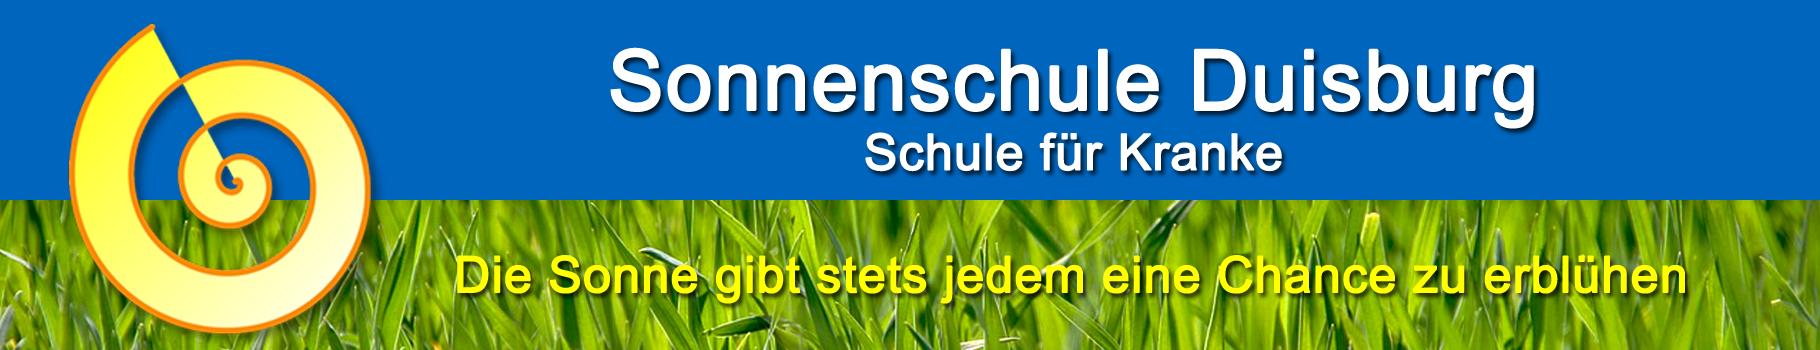 Sonnenschule-Duisburg